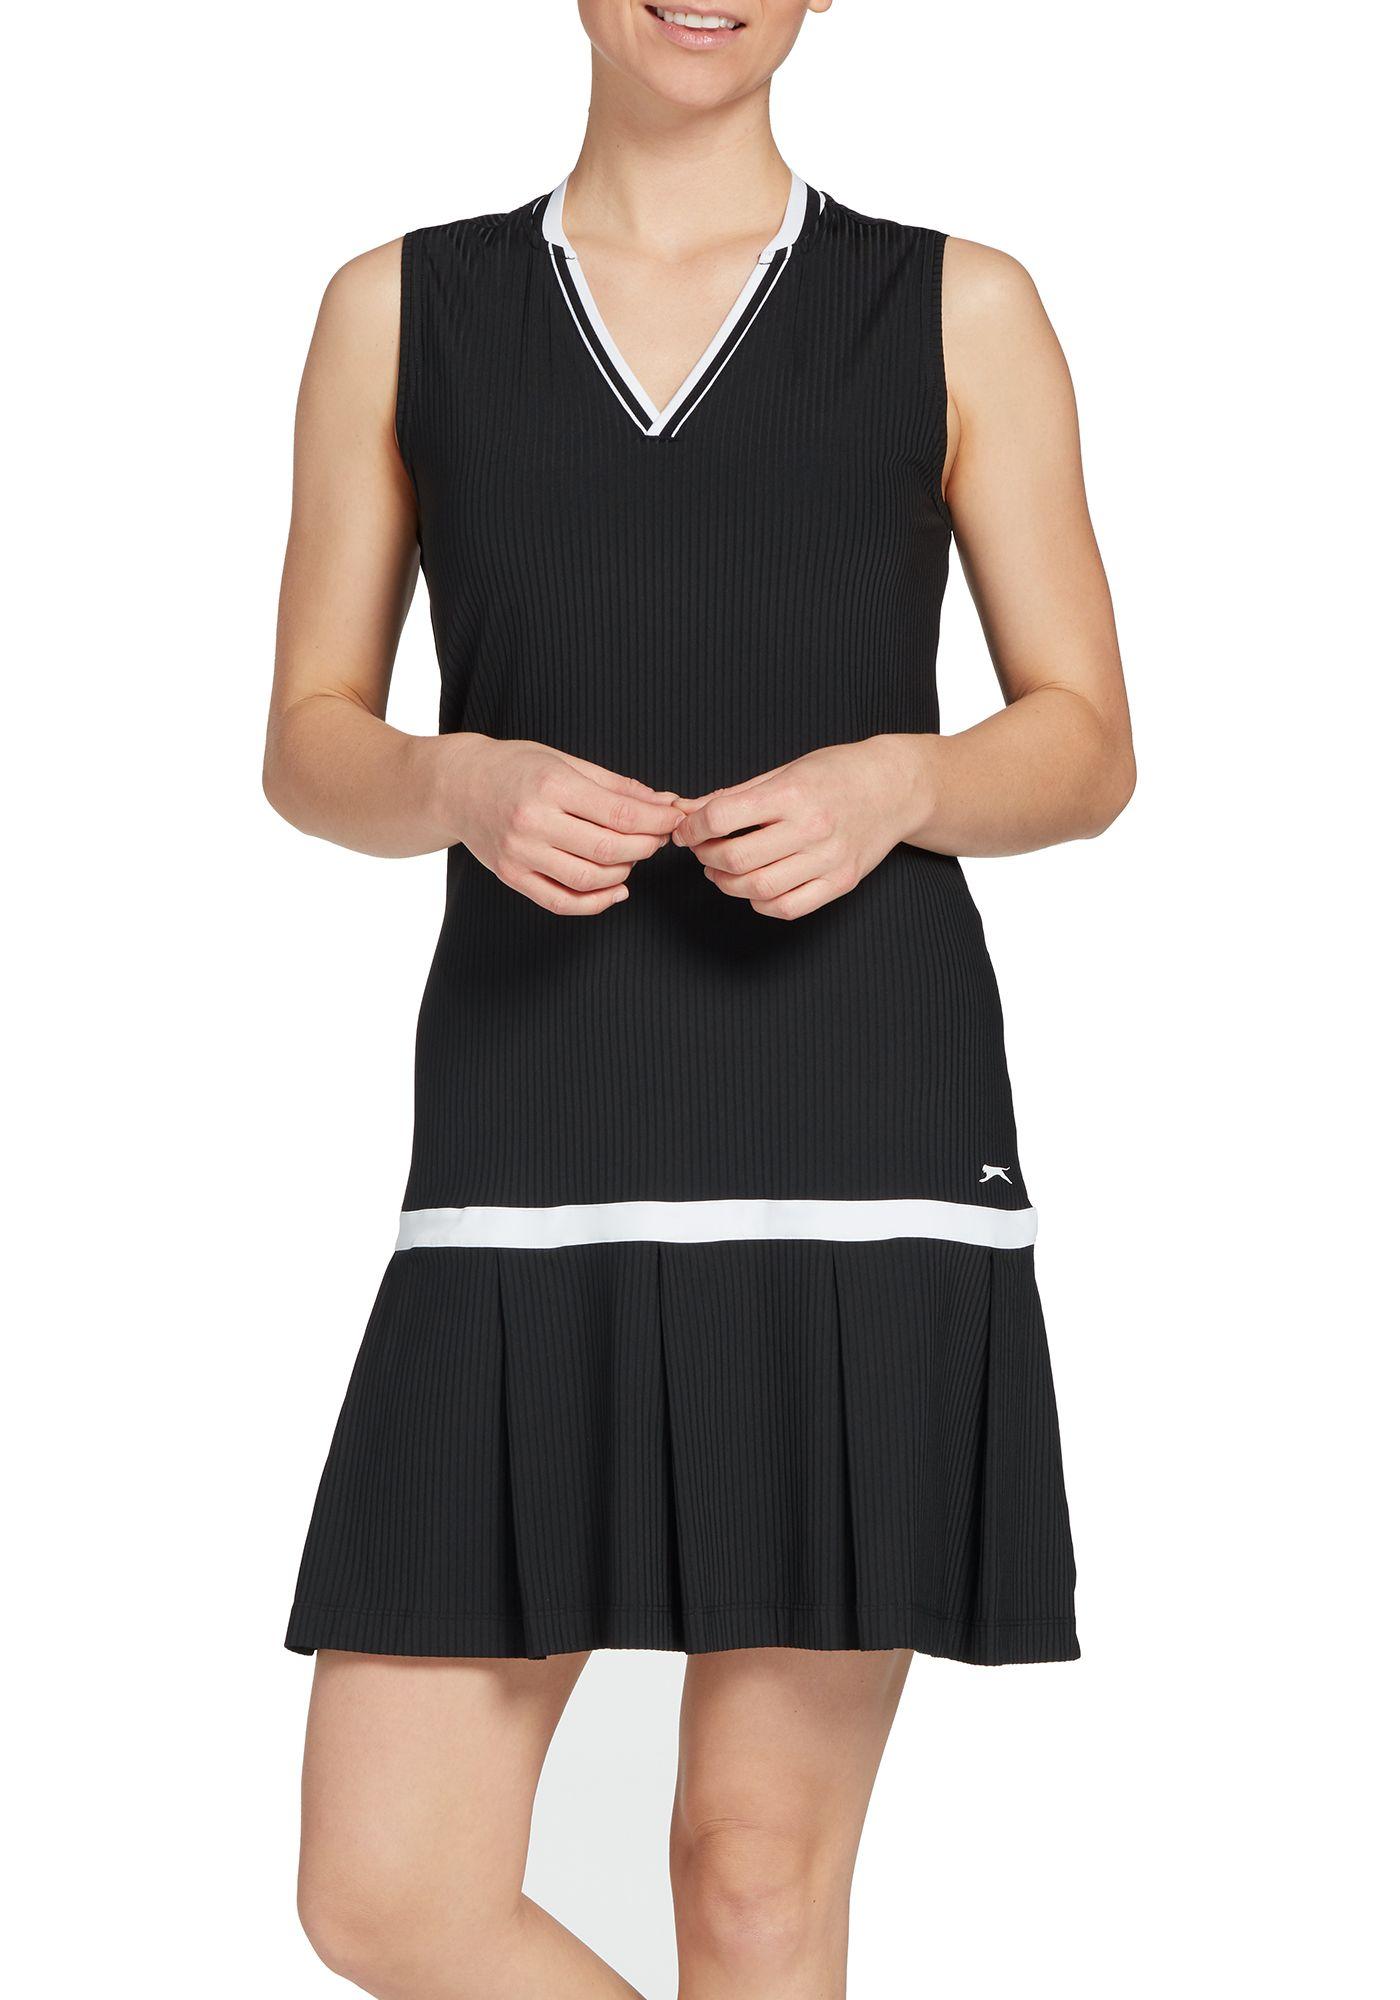 Slazenger Women's Pleated Sleeveless Golf Dress